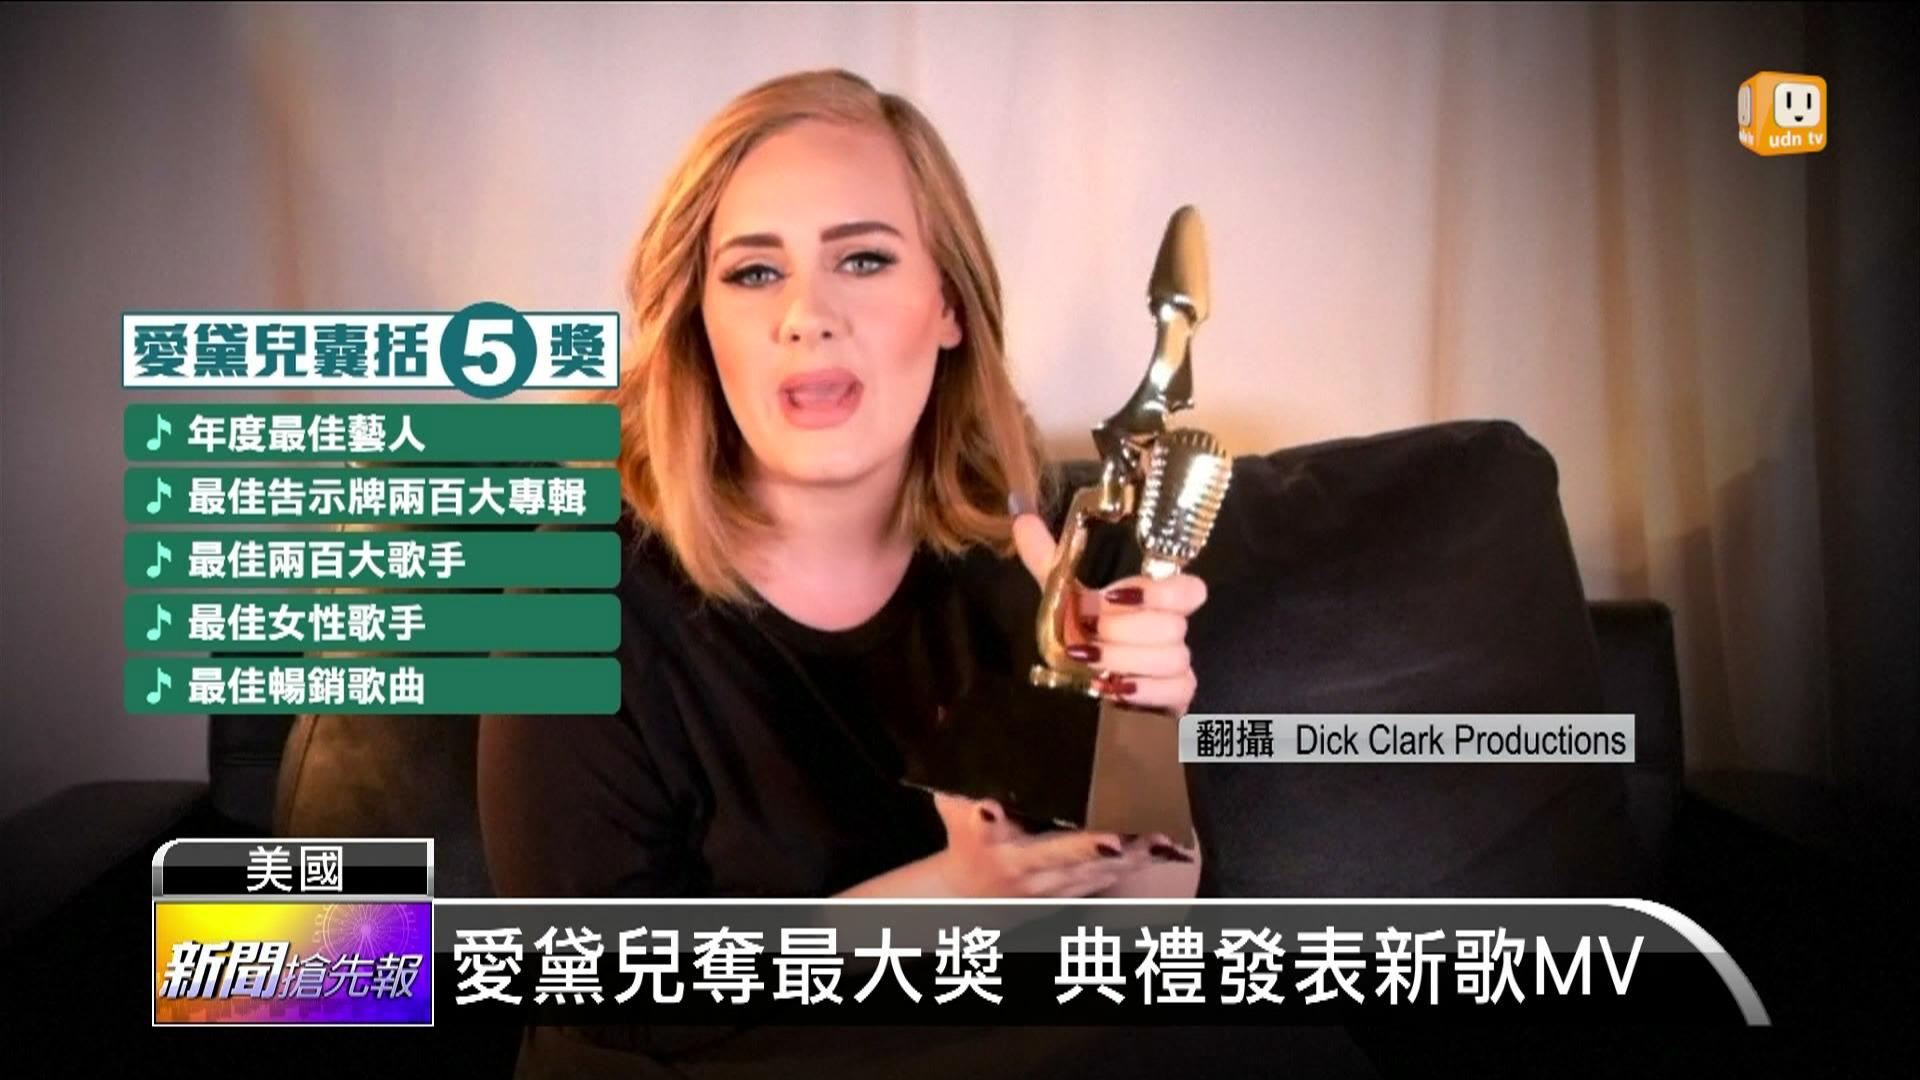 告示牌音樂獎登場 愛黛兒奪最大獎